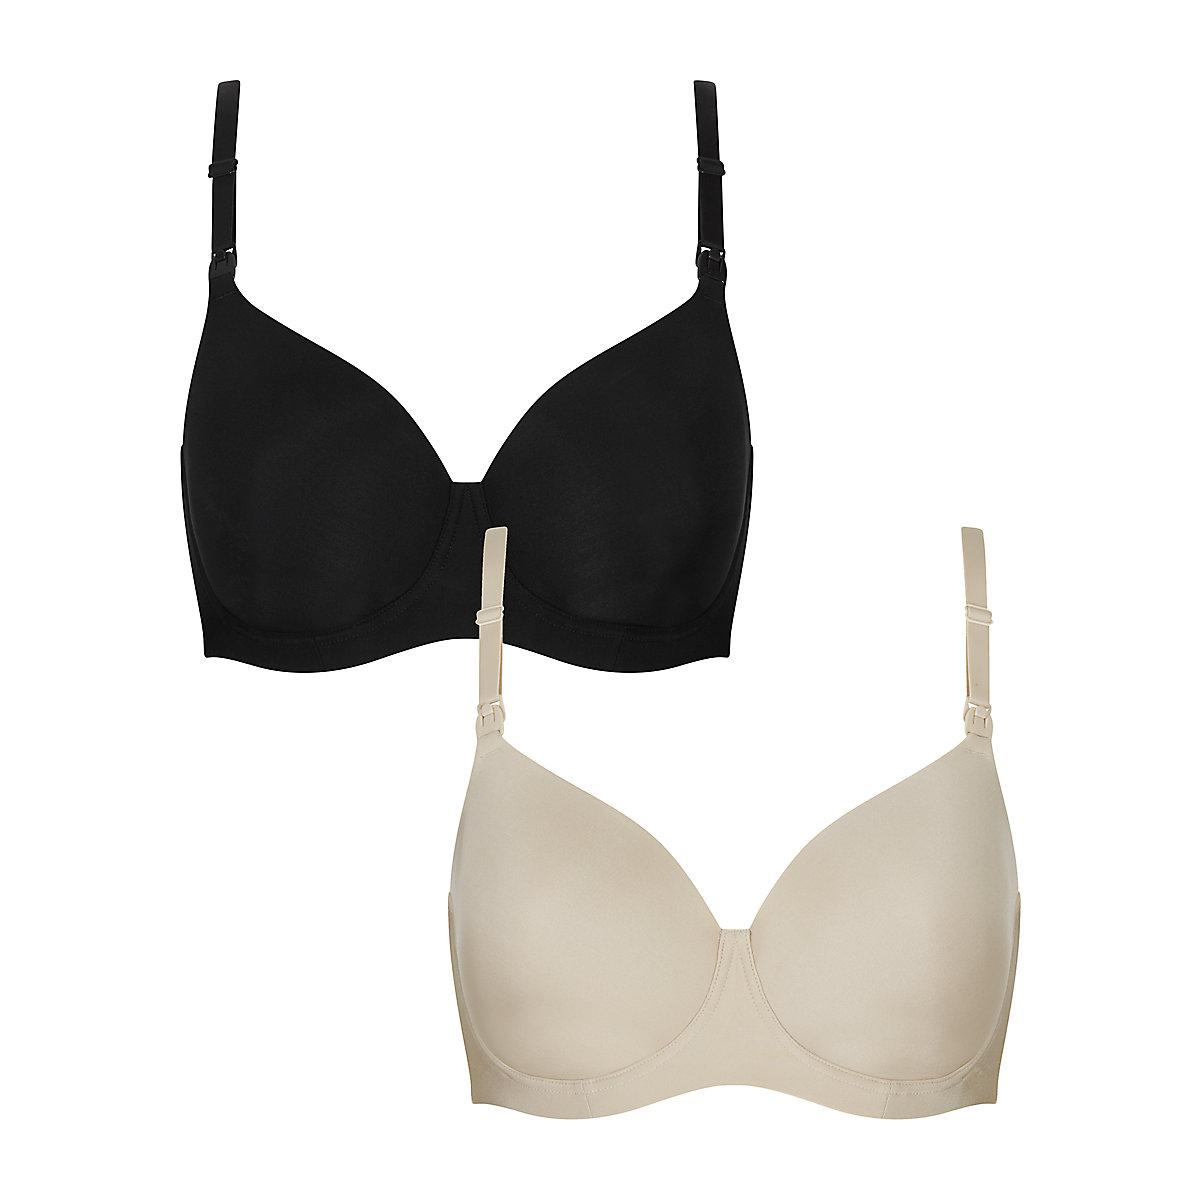 mini spot and white fuller bust nursing t-shirt bras - 2 pack